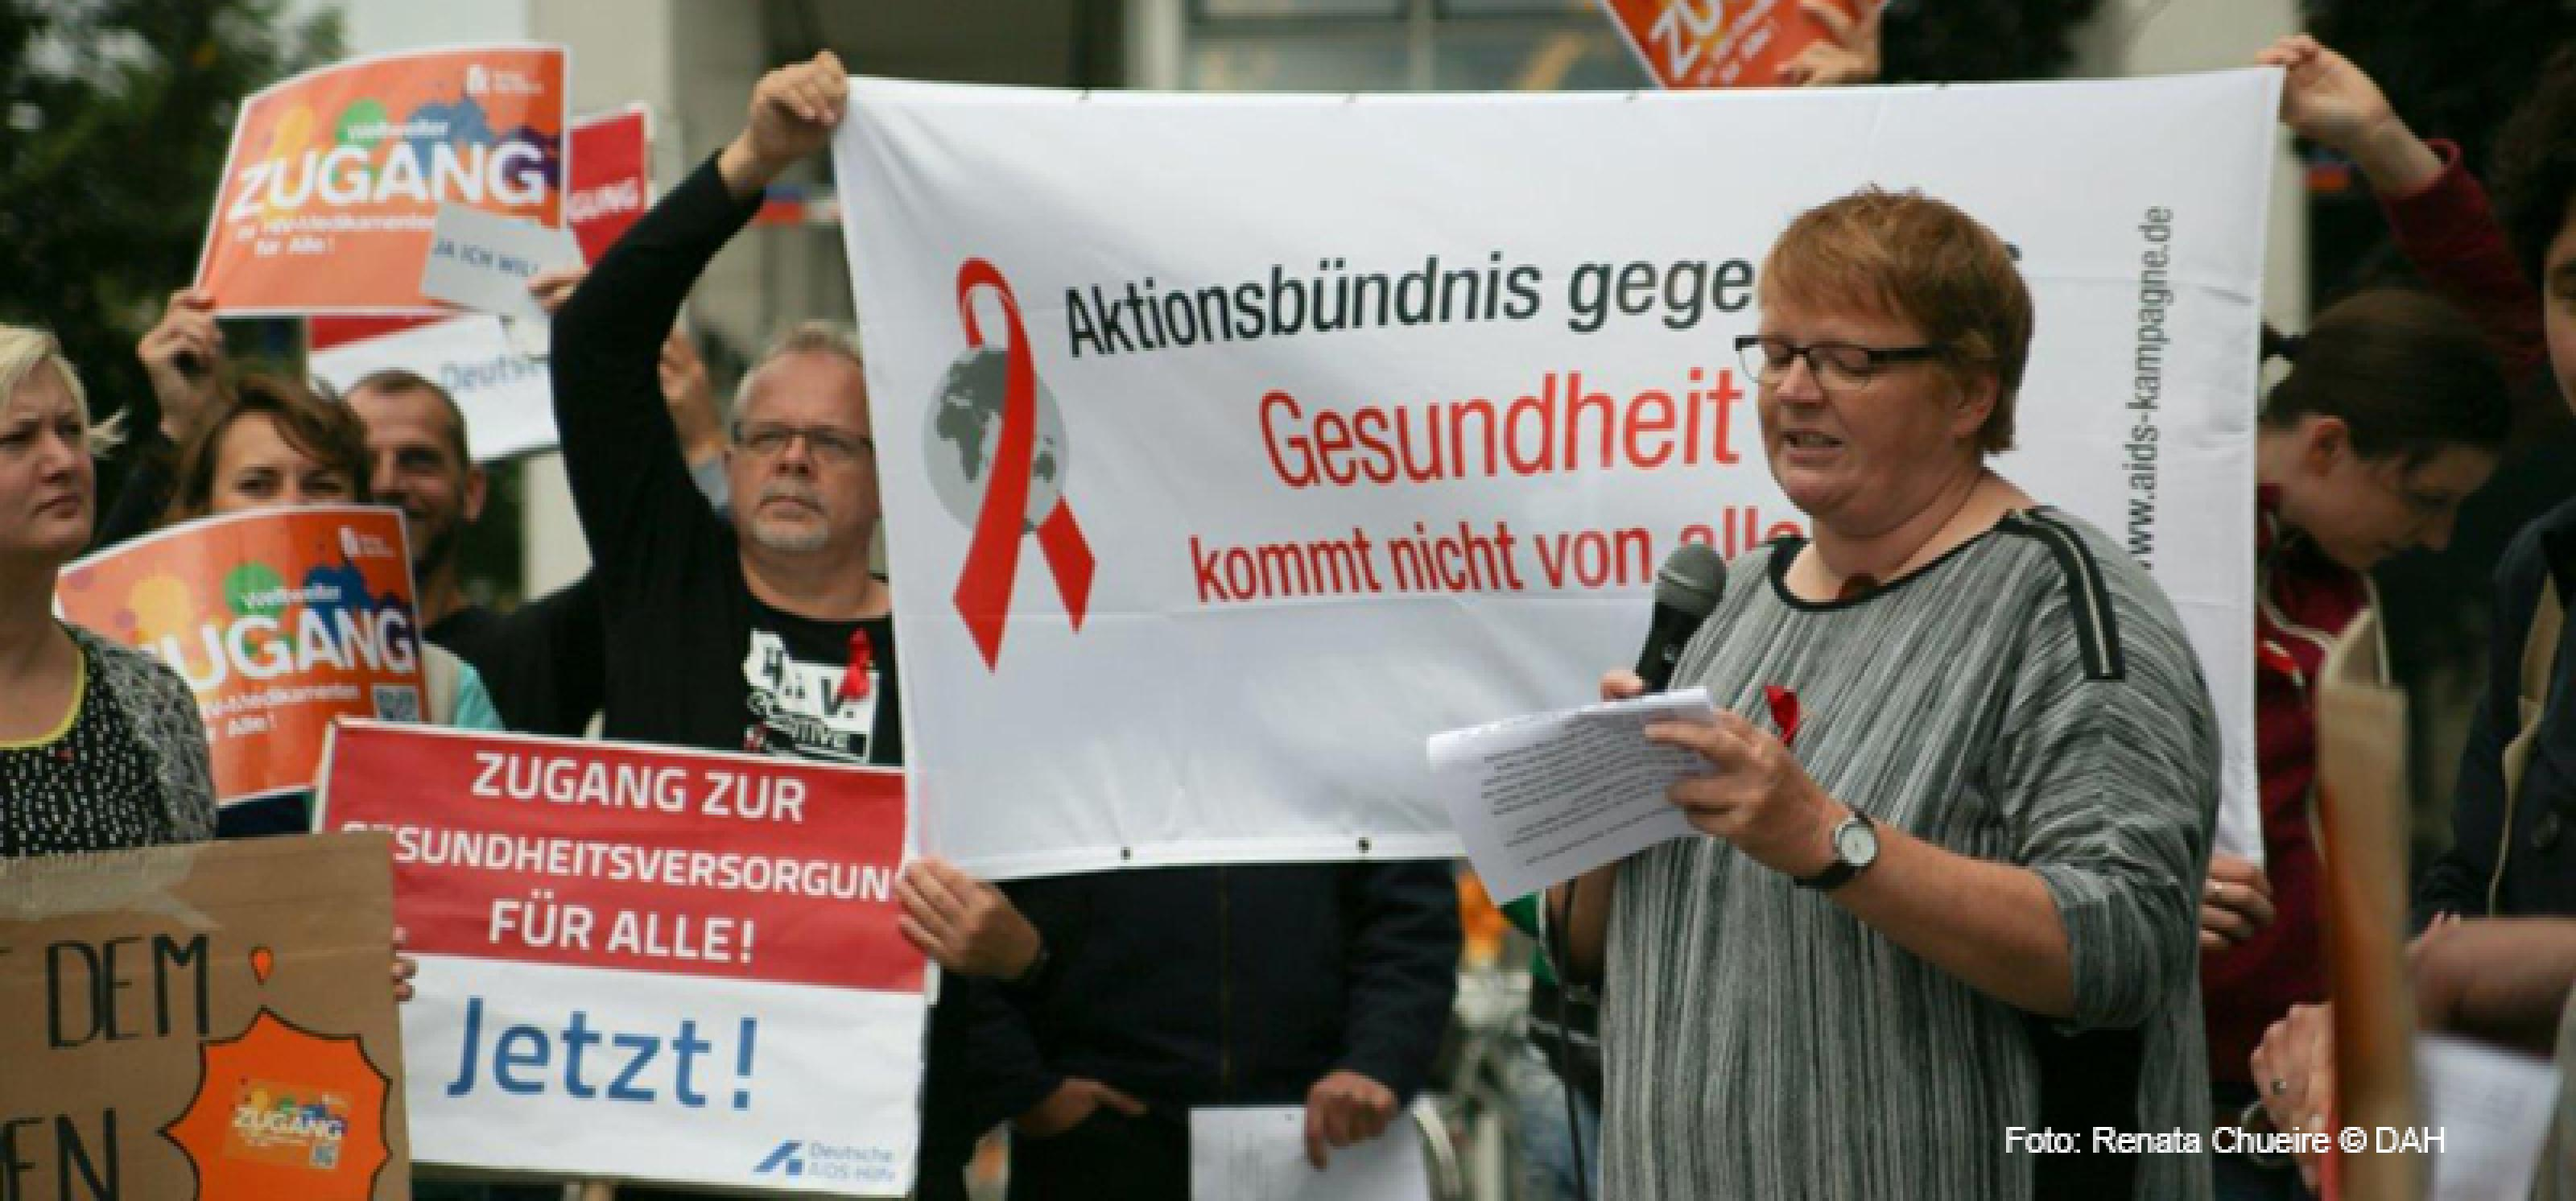 Kundgebung Bundesinitiative HIV und Migration